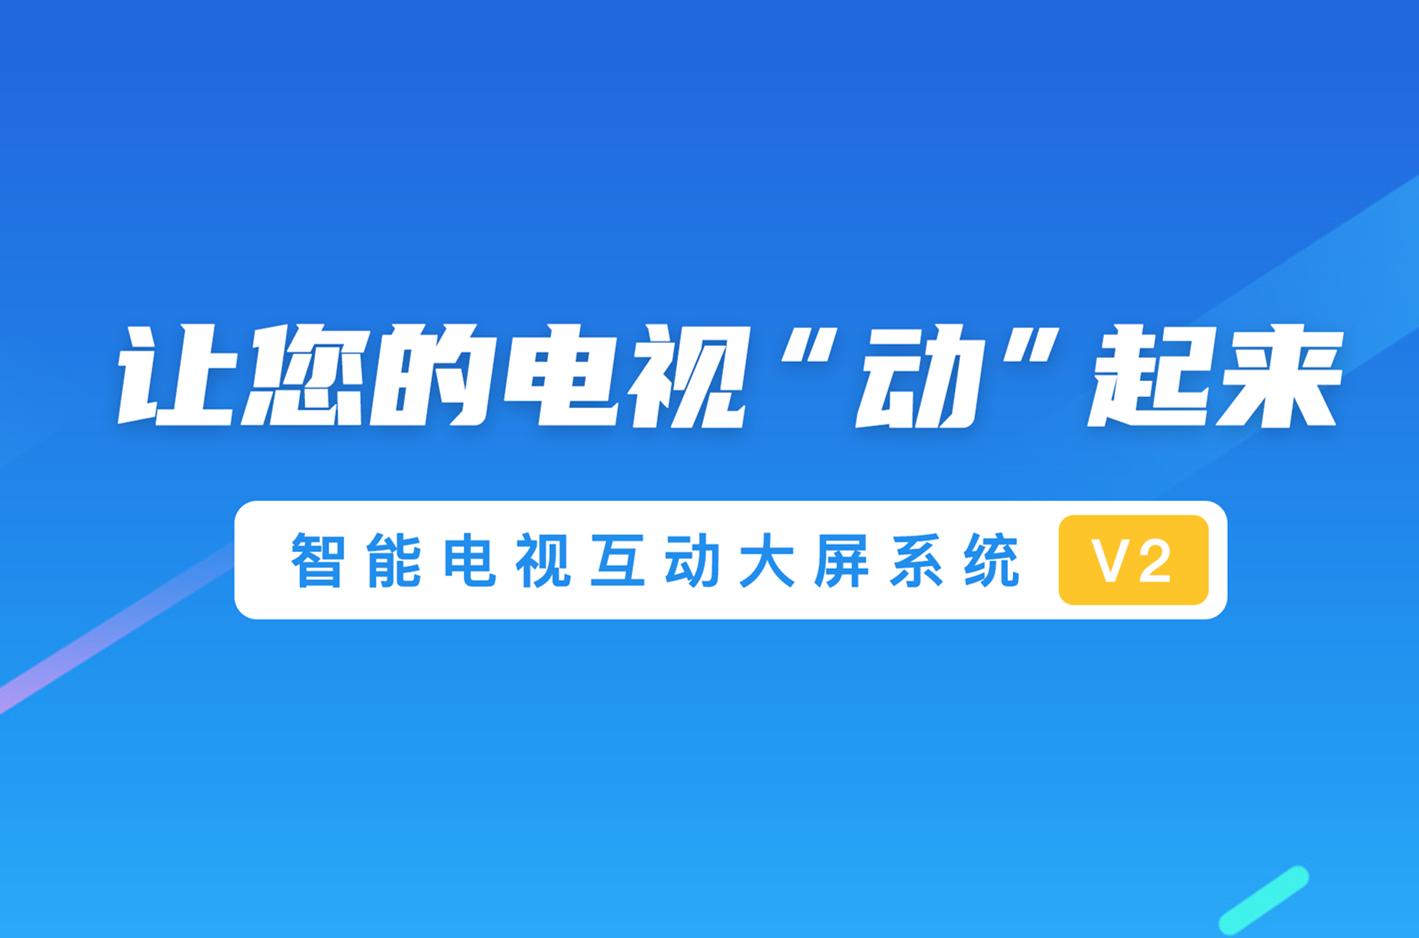 手机app公司_广告发布平台app_电梯广告管理软件_智能广告系统